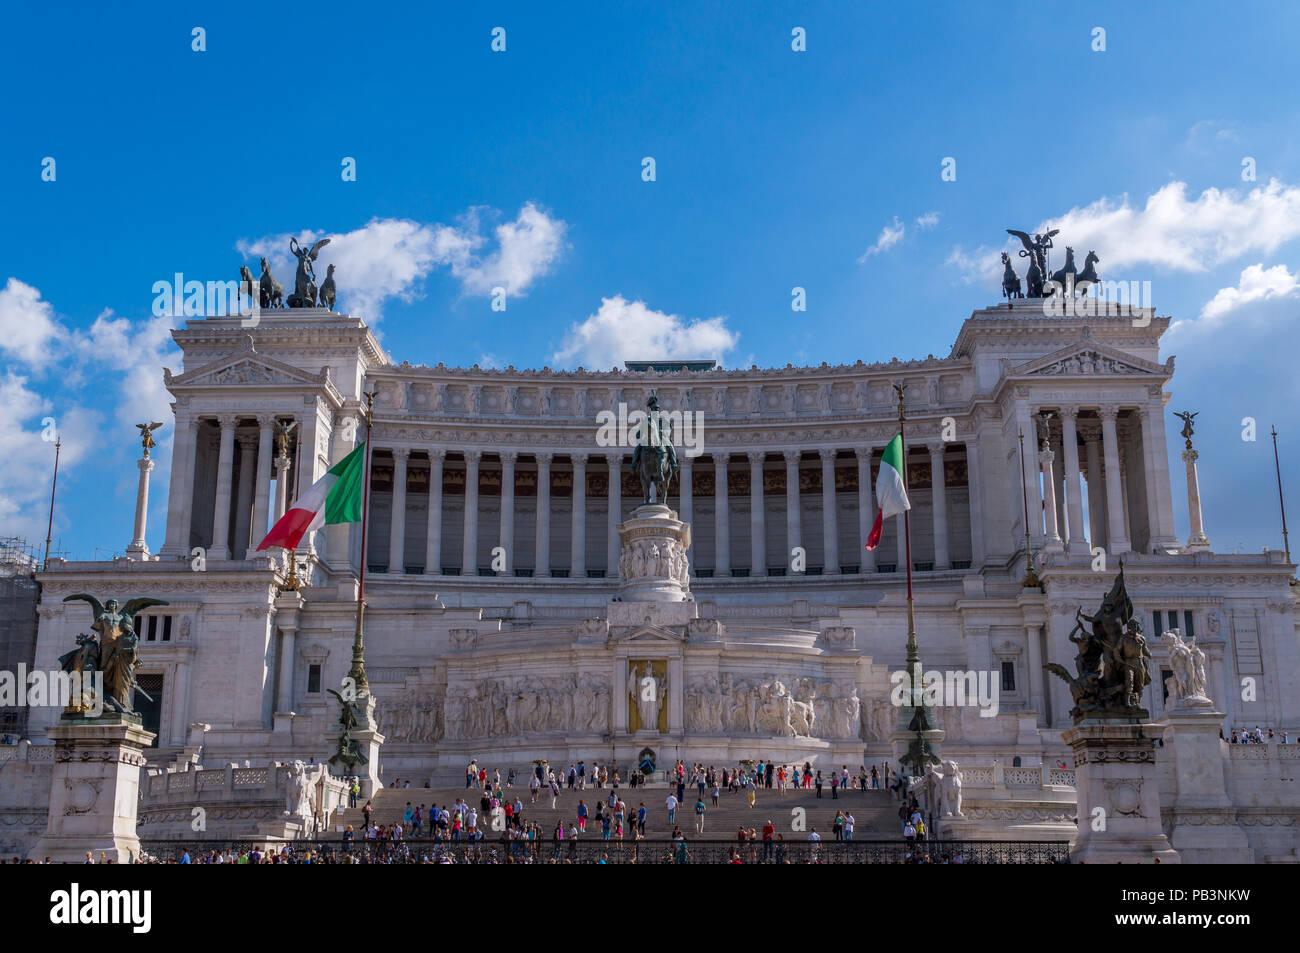 Vittoriano, Monumento Nazionale a Vittorio Emanuele II, l'autel de la patrie, Rome, Italie Photo Stock